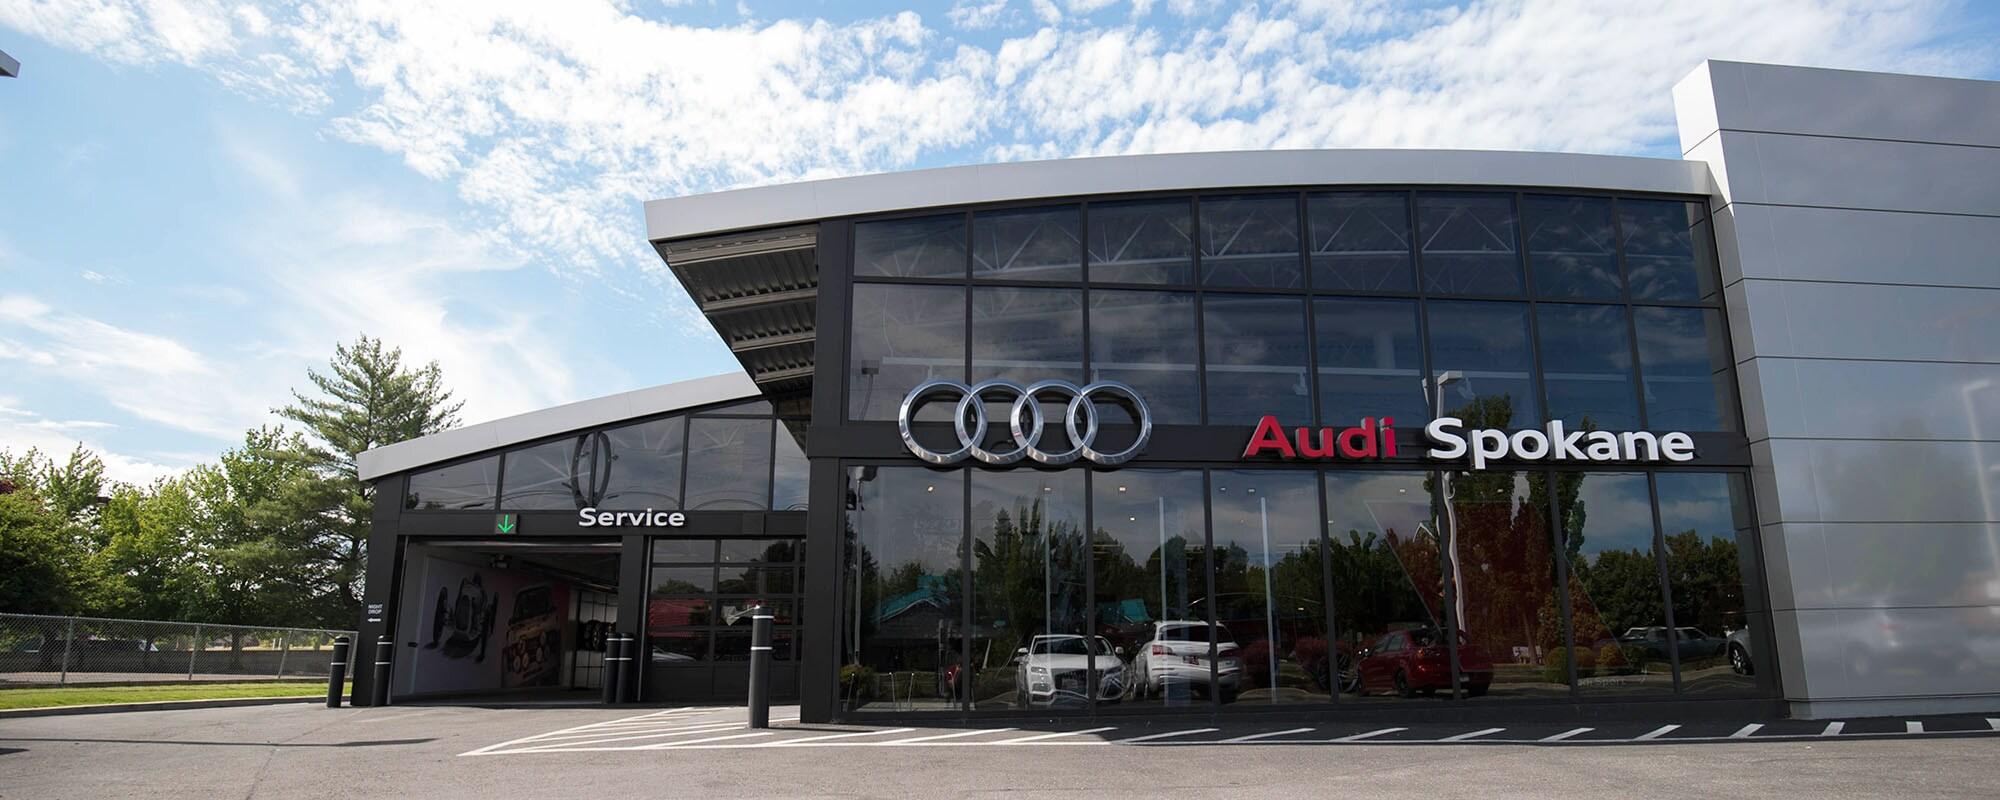 Audi Spokane Audi Dealership In Spokane Valley WA - Audi spokane